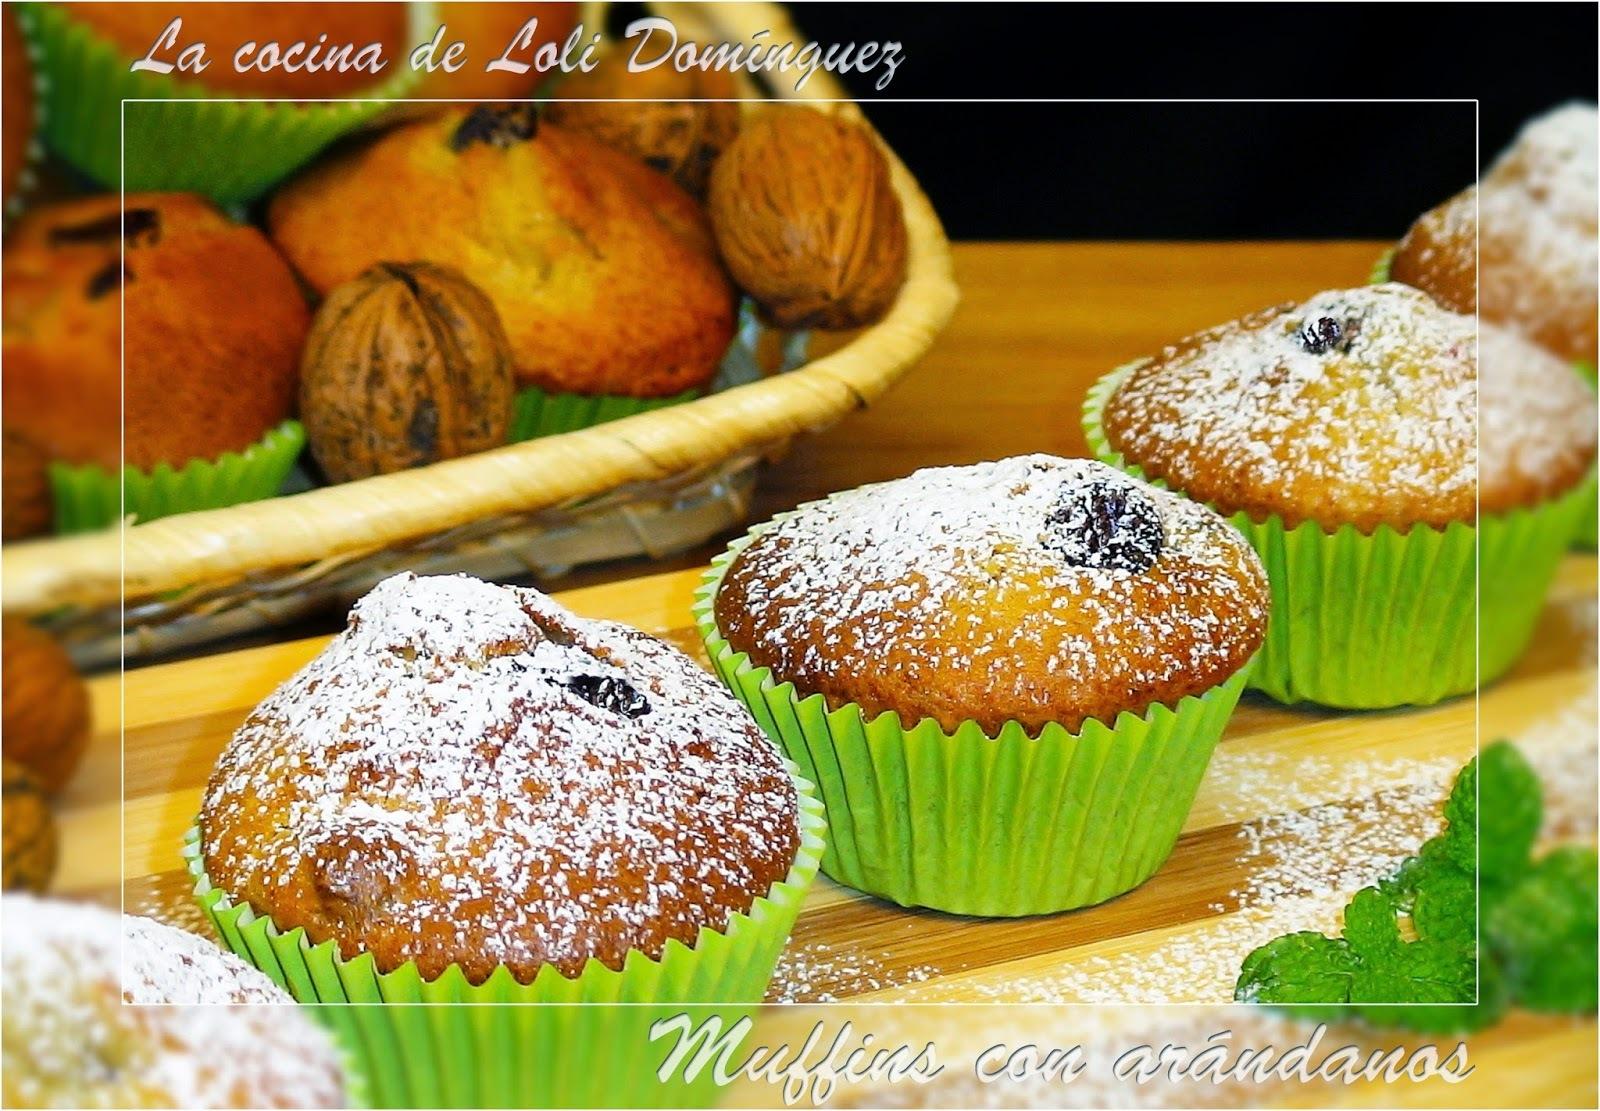 Muffins con arándanos